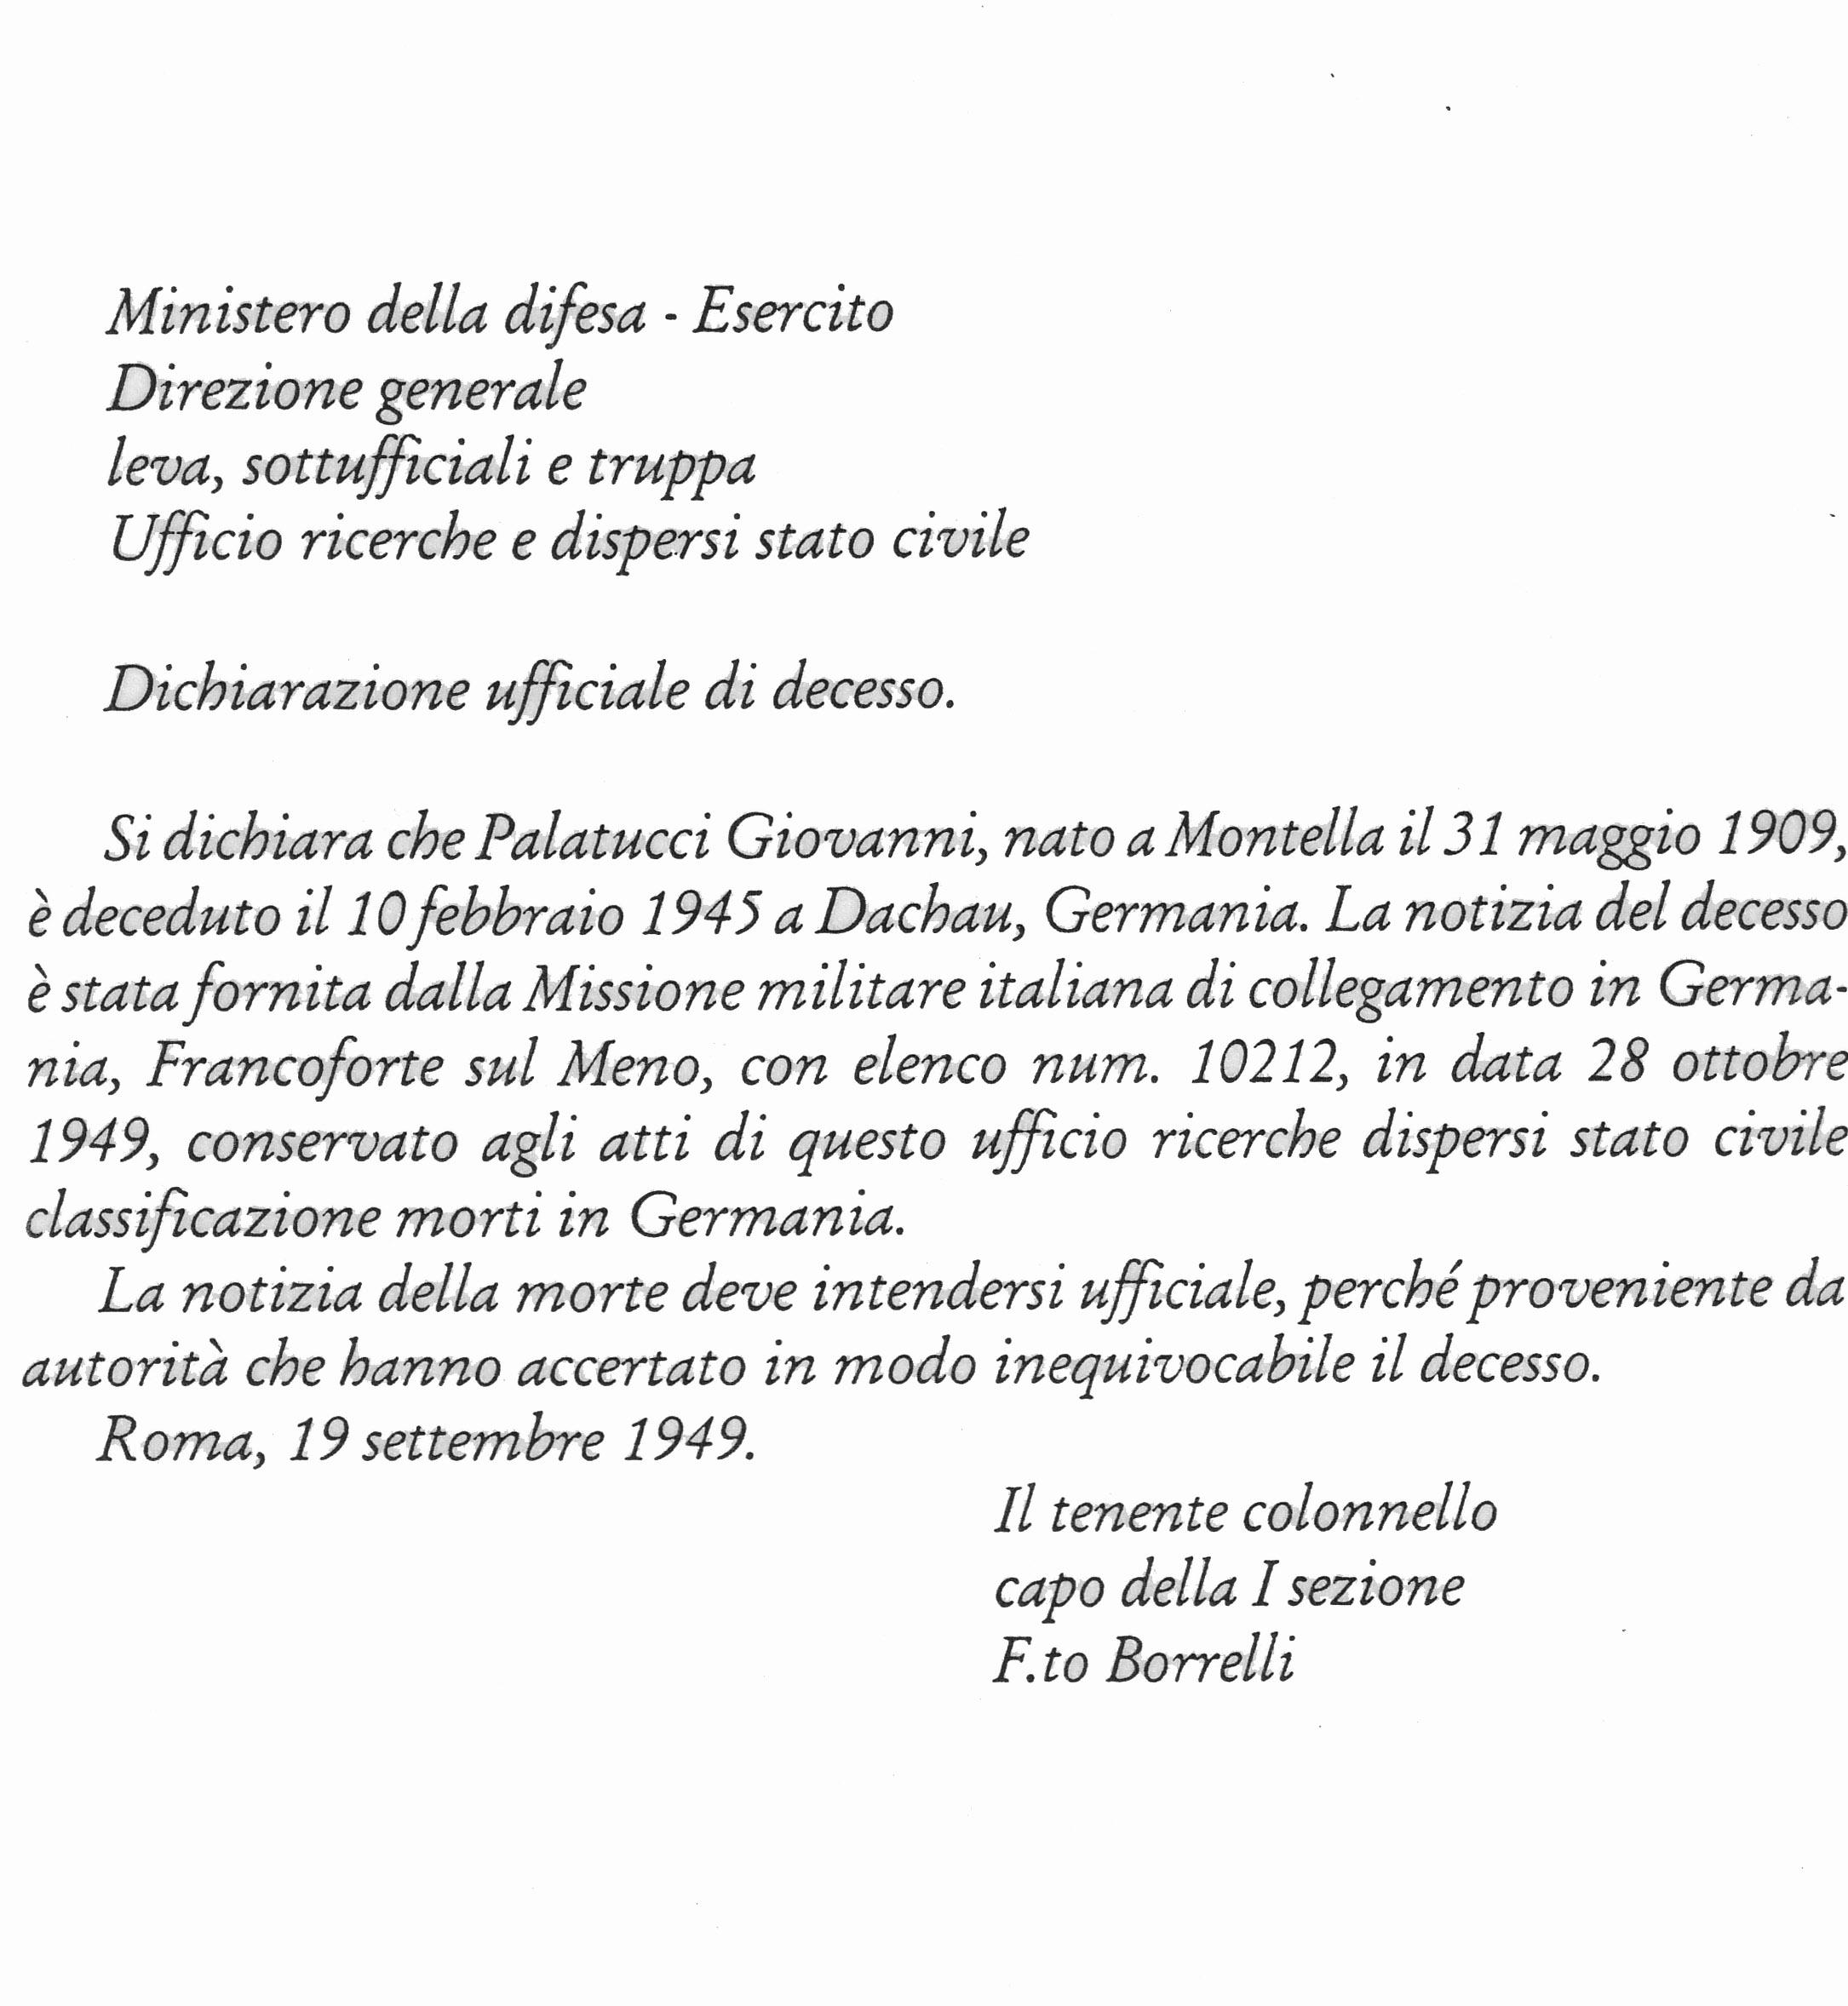 Dichiarazione di morte di Giovanni Palatucci